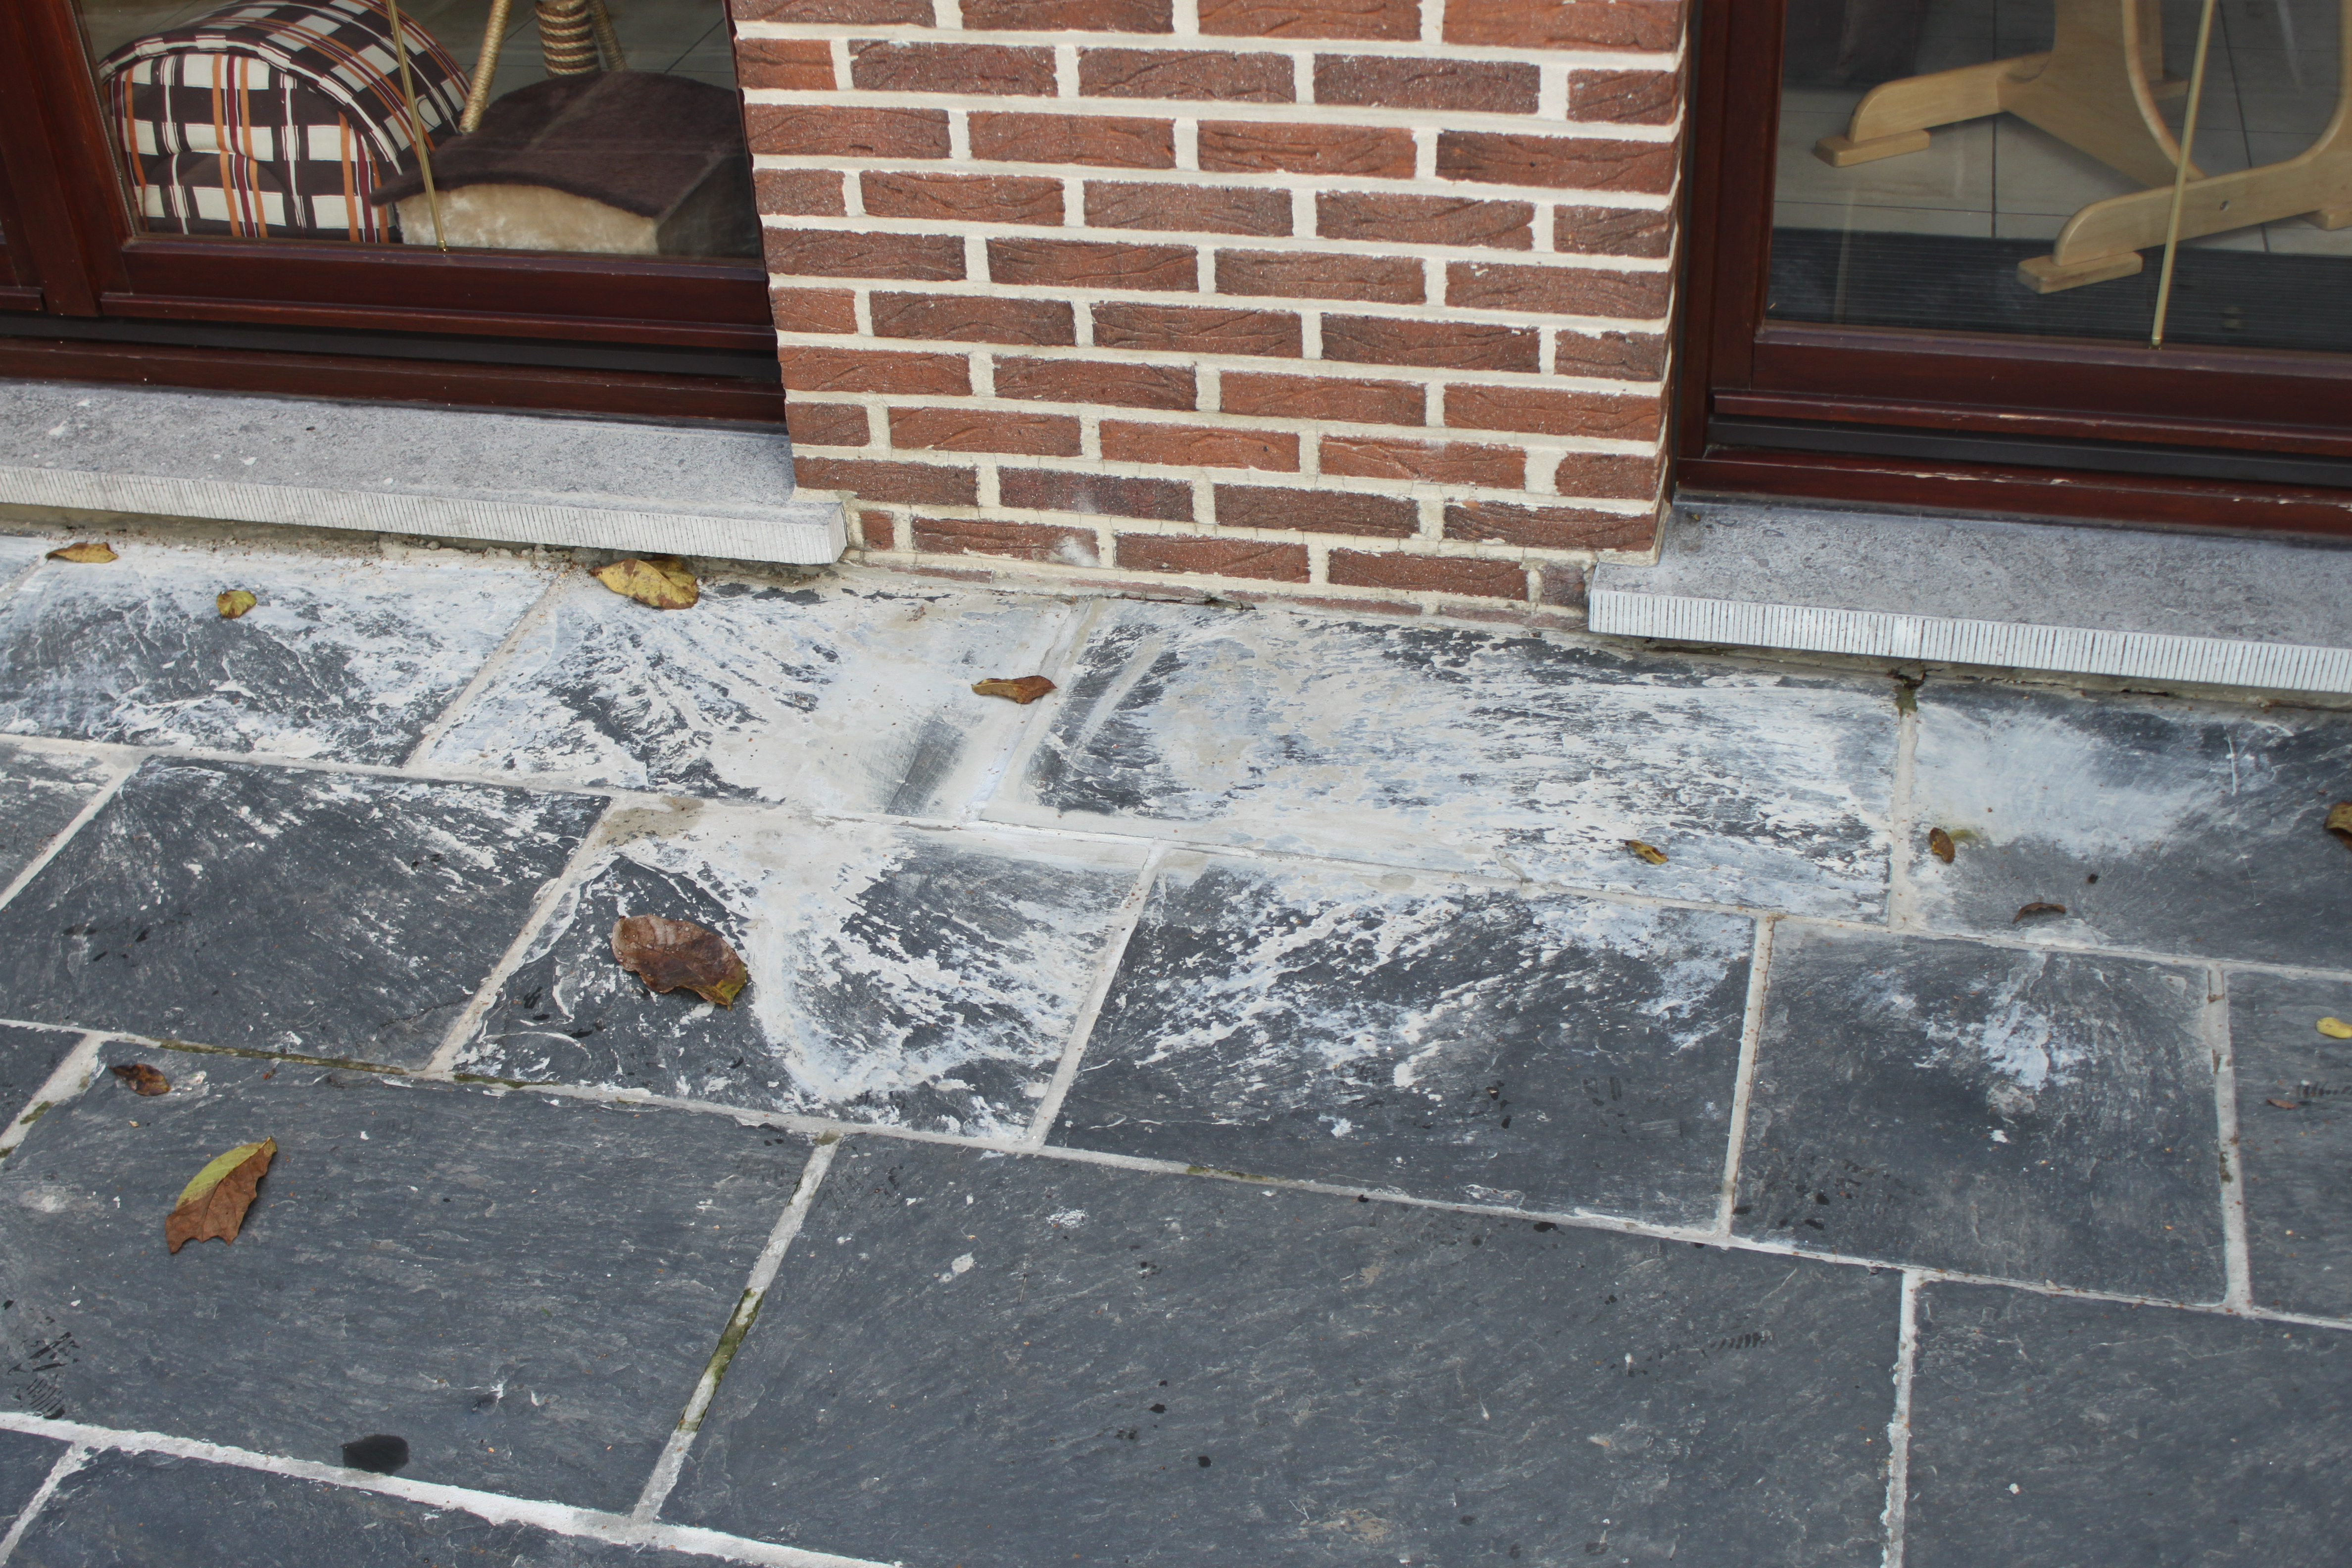 Cementsluier van tegels verwijderen | Natuursteen-renovatie.be